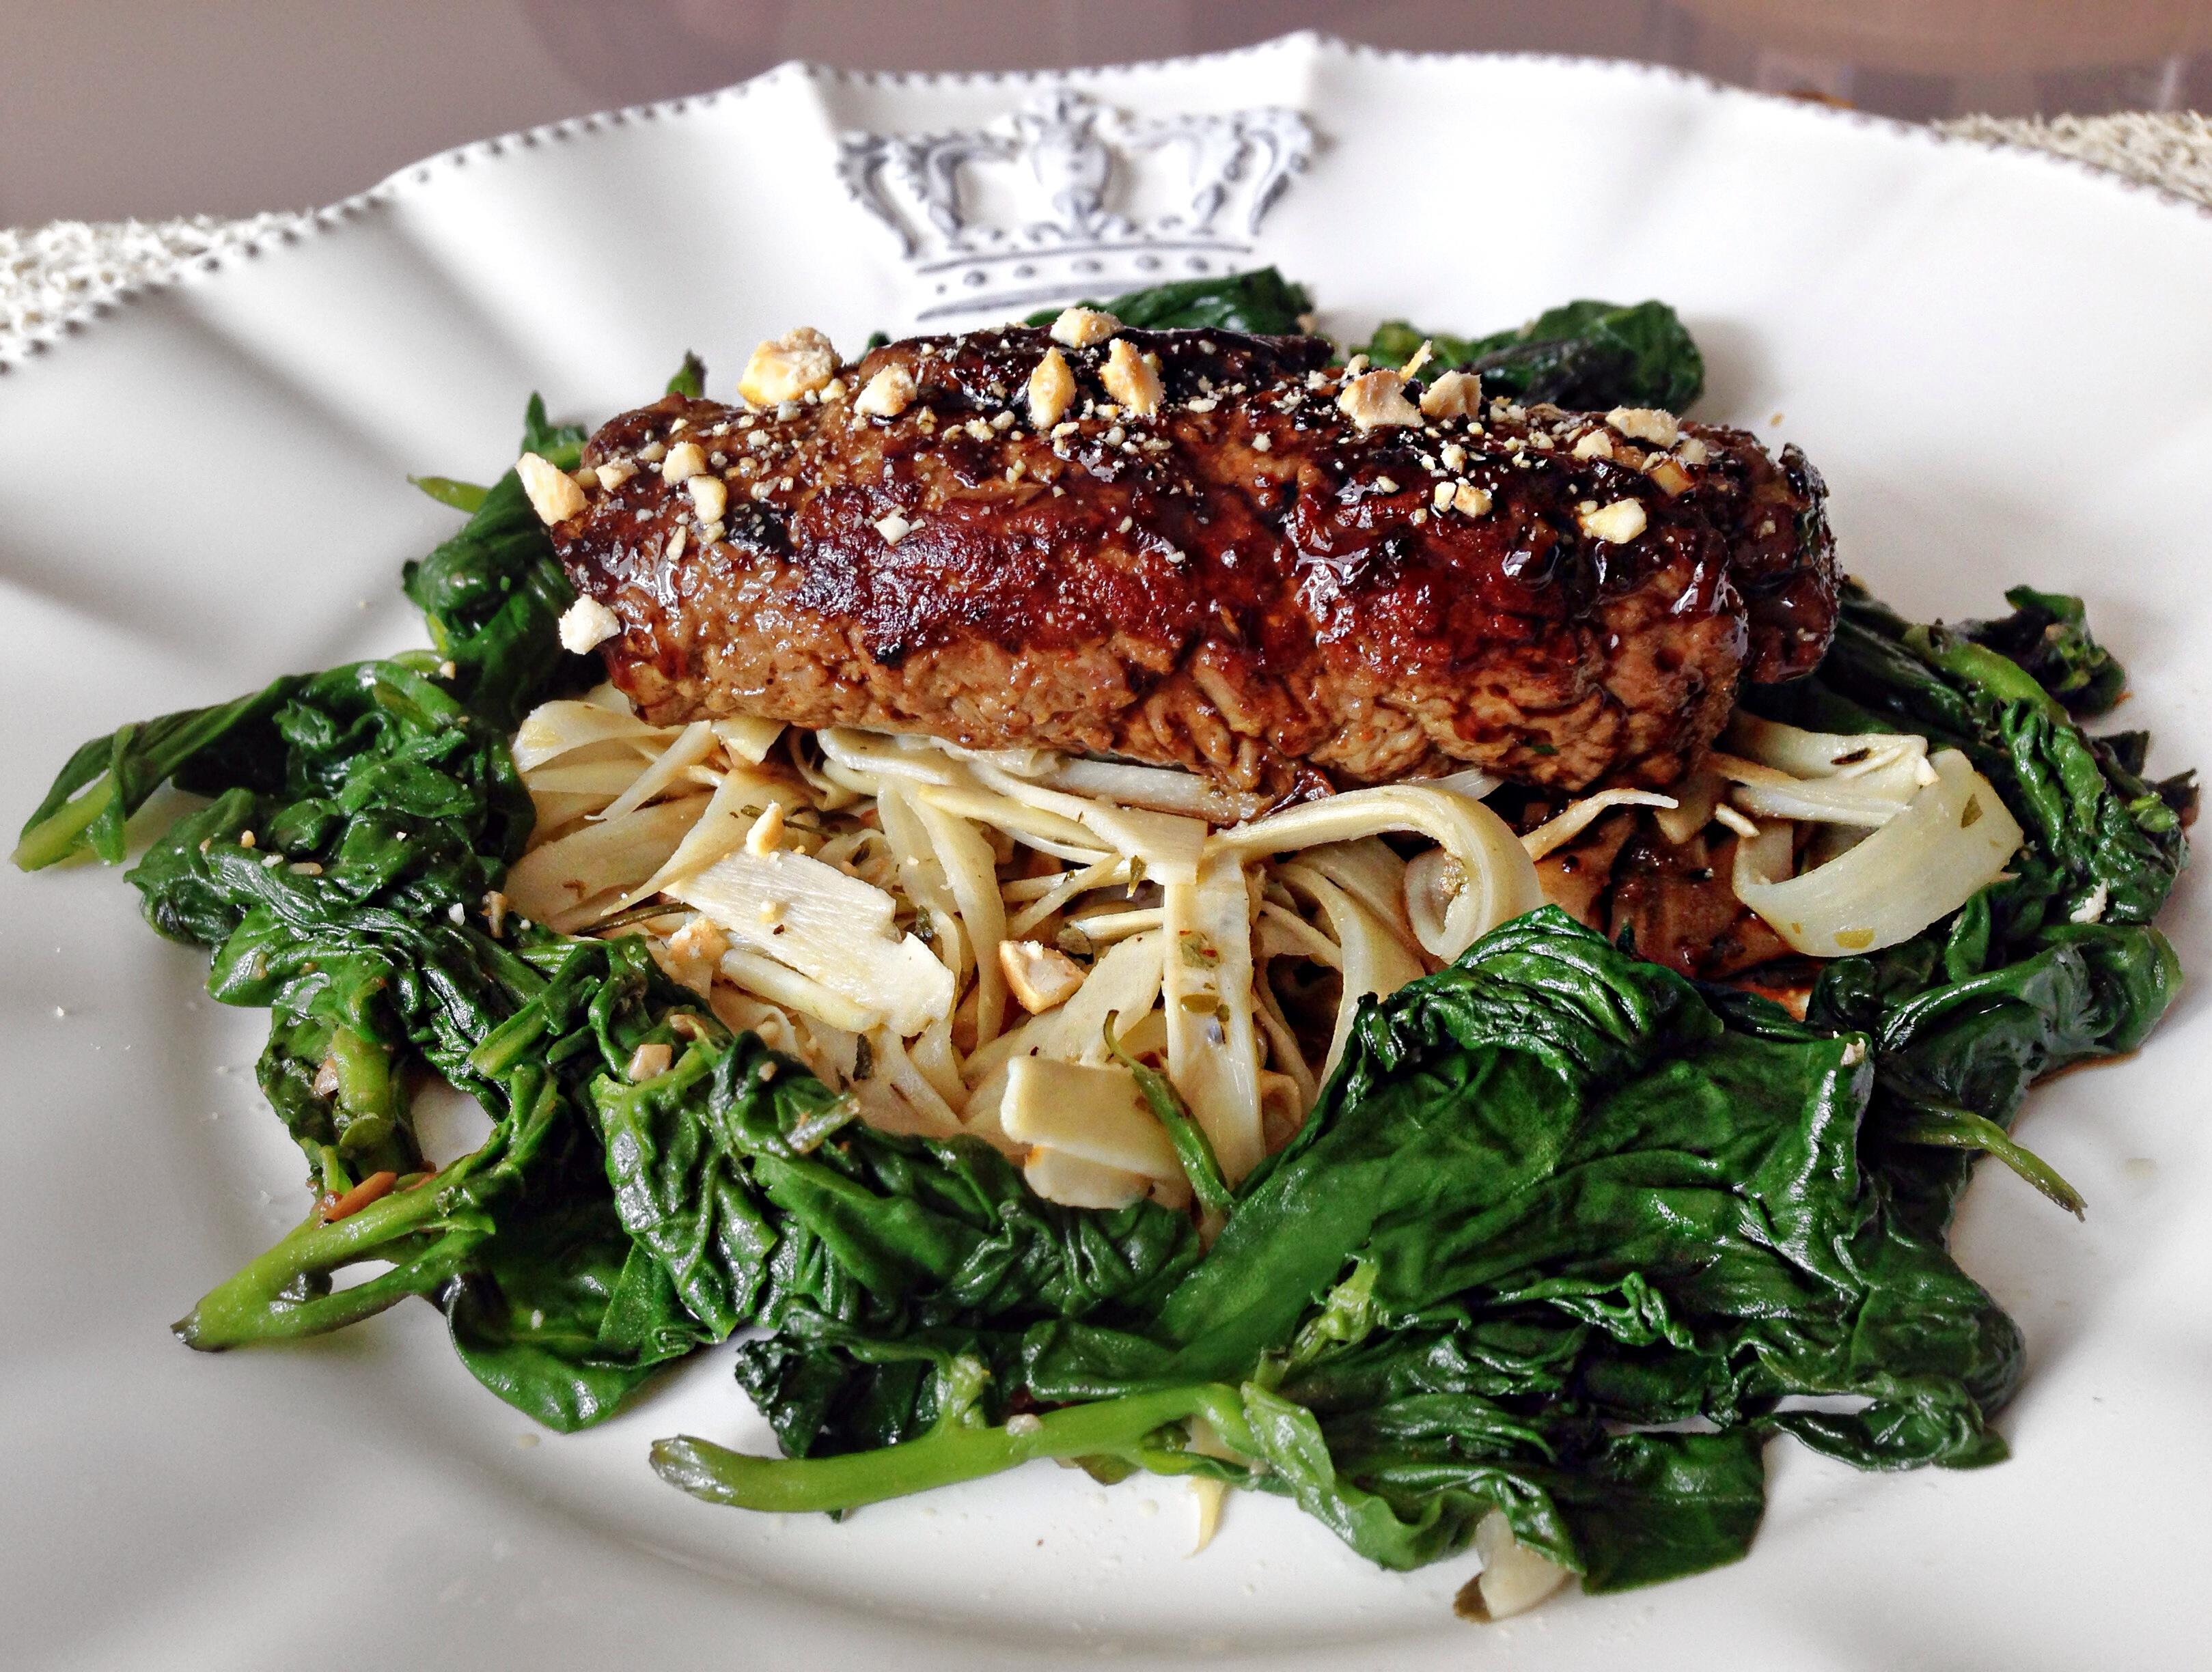 Rolinho de carne com espinafre e molho agridoce.